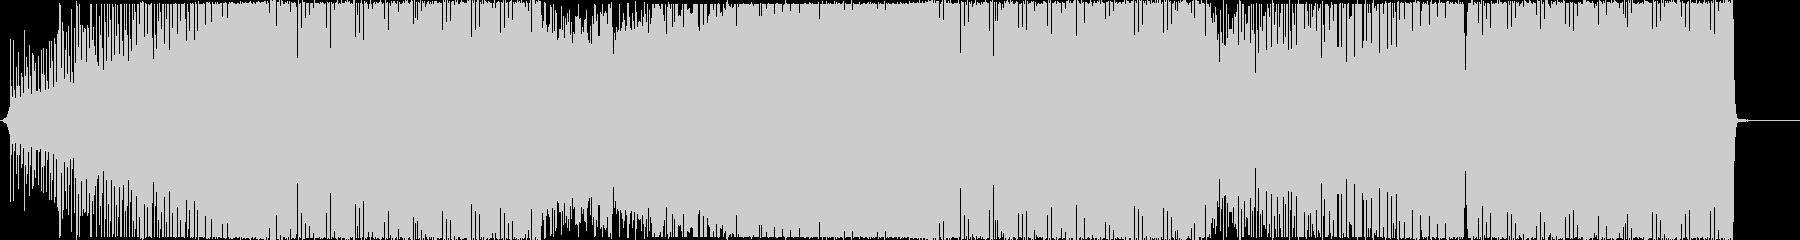 ピアノハウスEDM・ダンスミュージックの未再生の波形